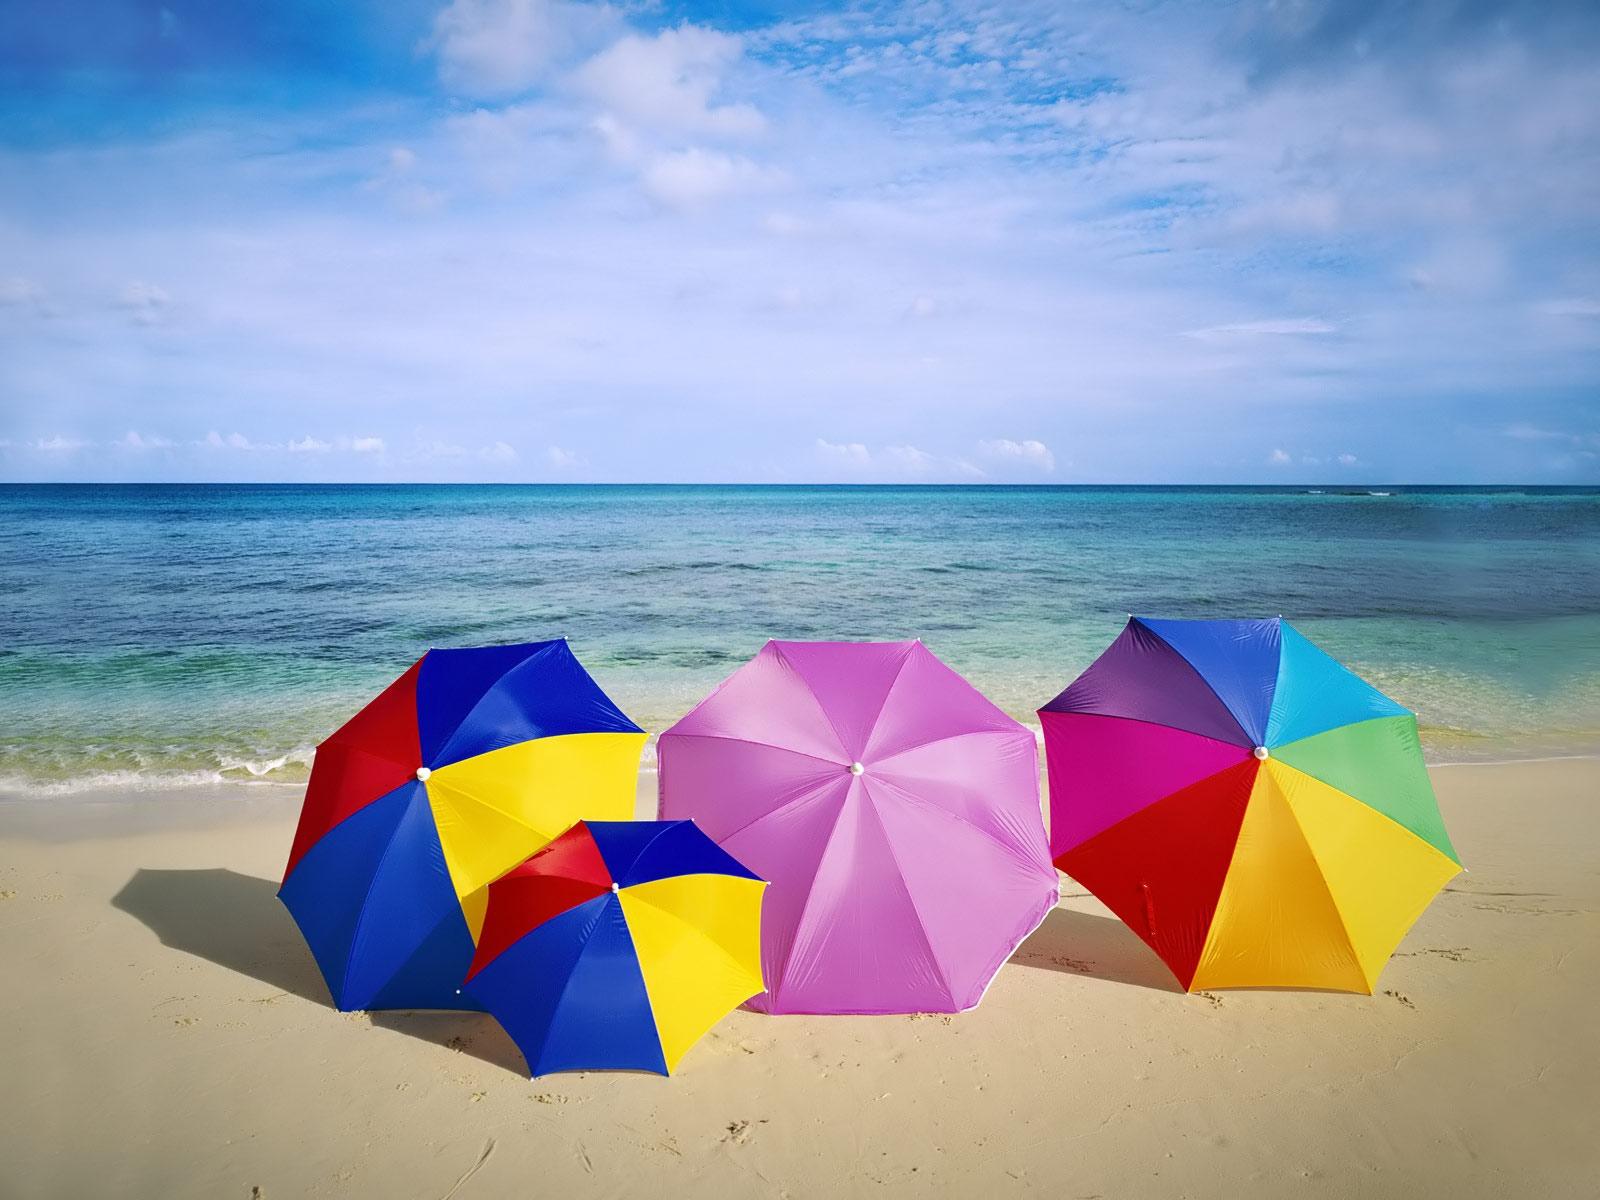 Желтый зонтик, шезлонг, море  № 1938162 загрузить